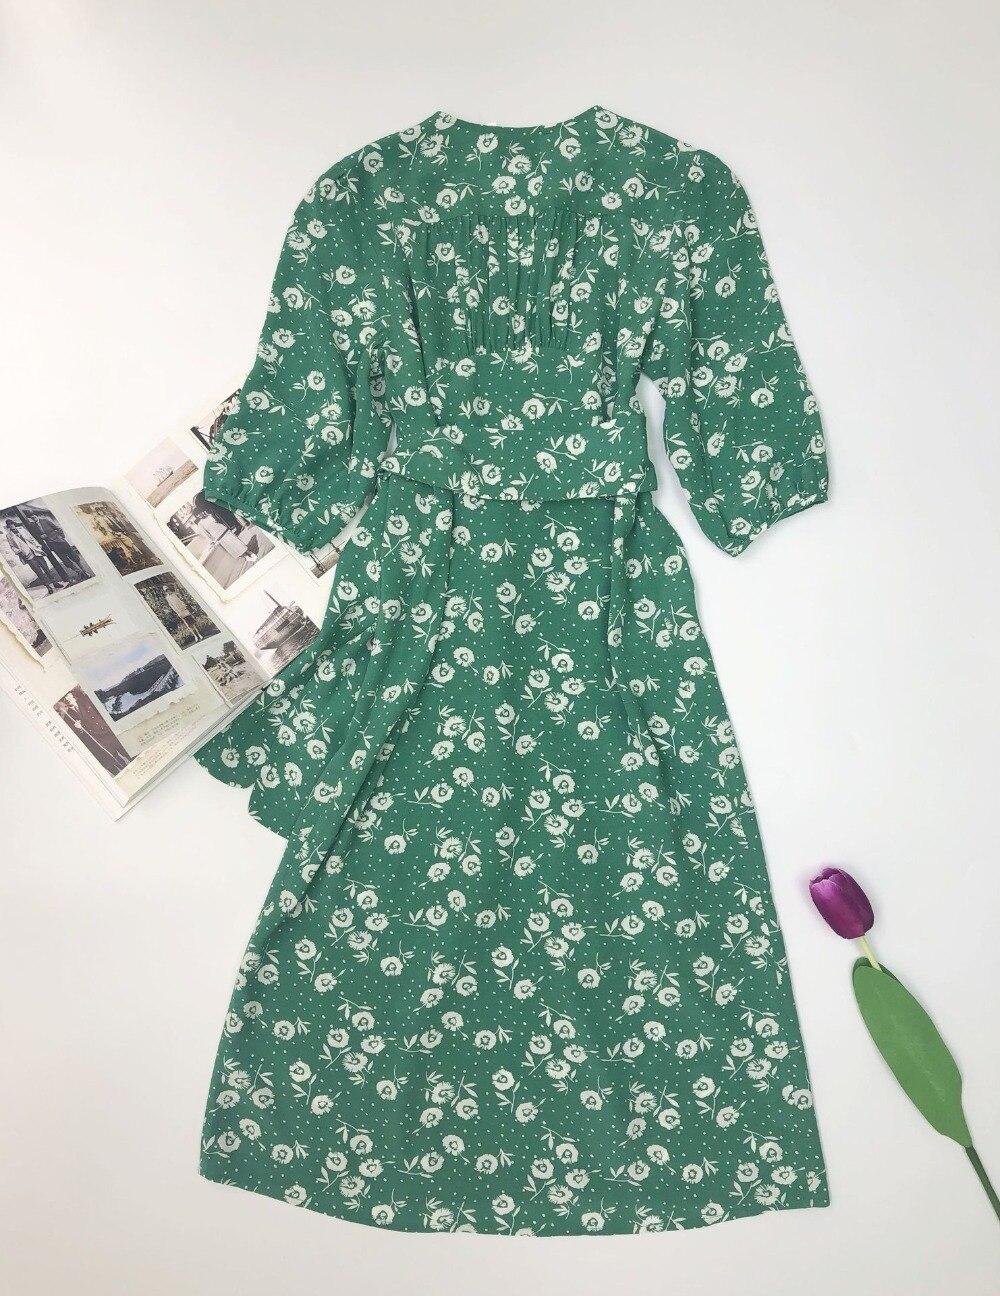 Vestido Midi Vintage para mujer, envoltura con fajas, nuevo estilo veraniego, corte de té, verde, Floral, estampado de diente de león, vestido de abrigo para mujer de vacaciones